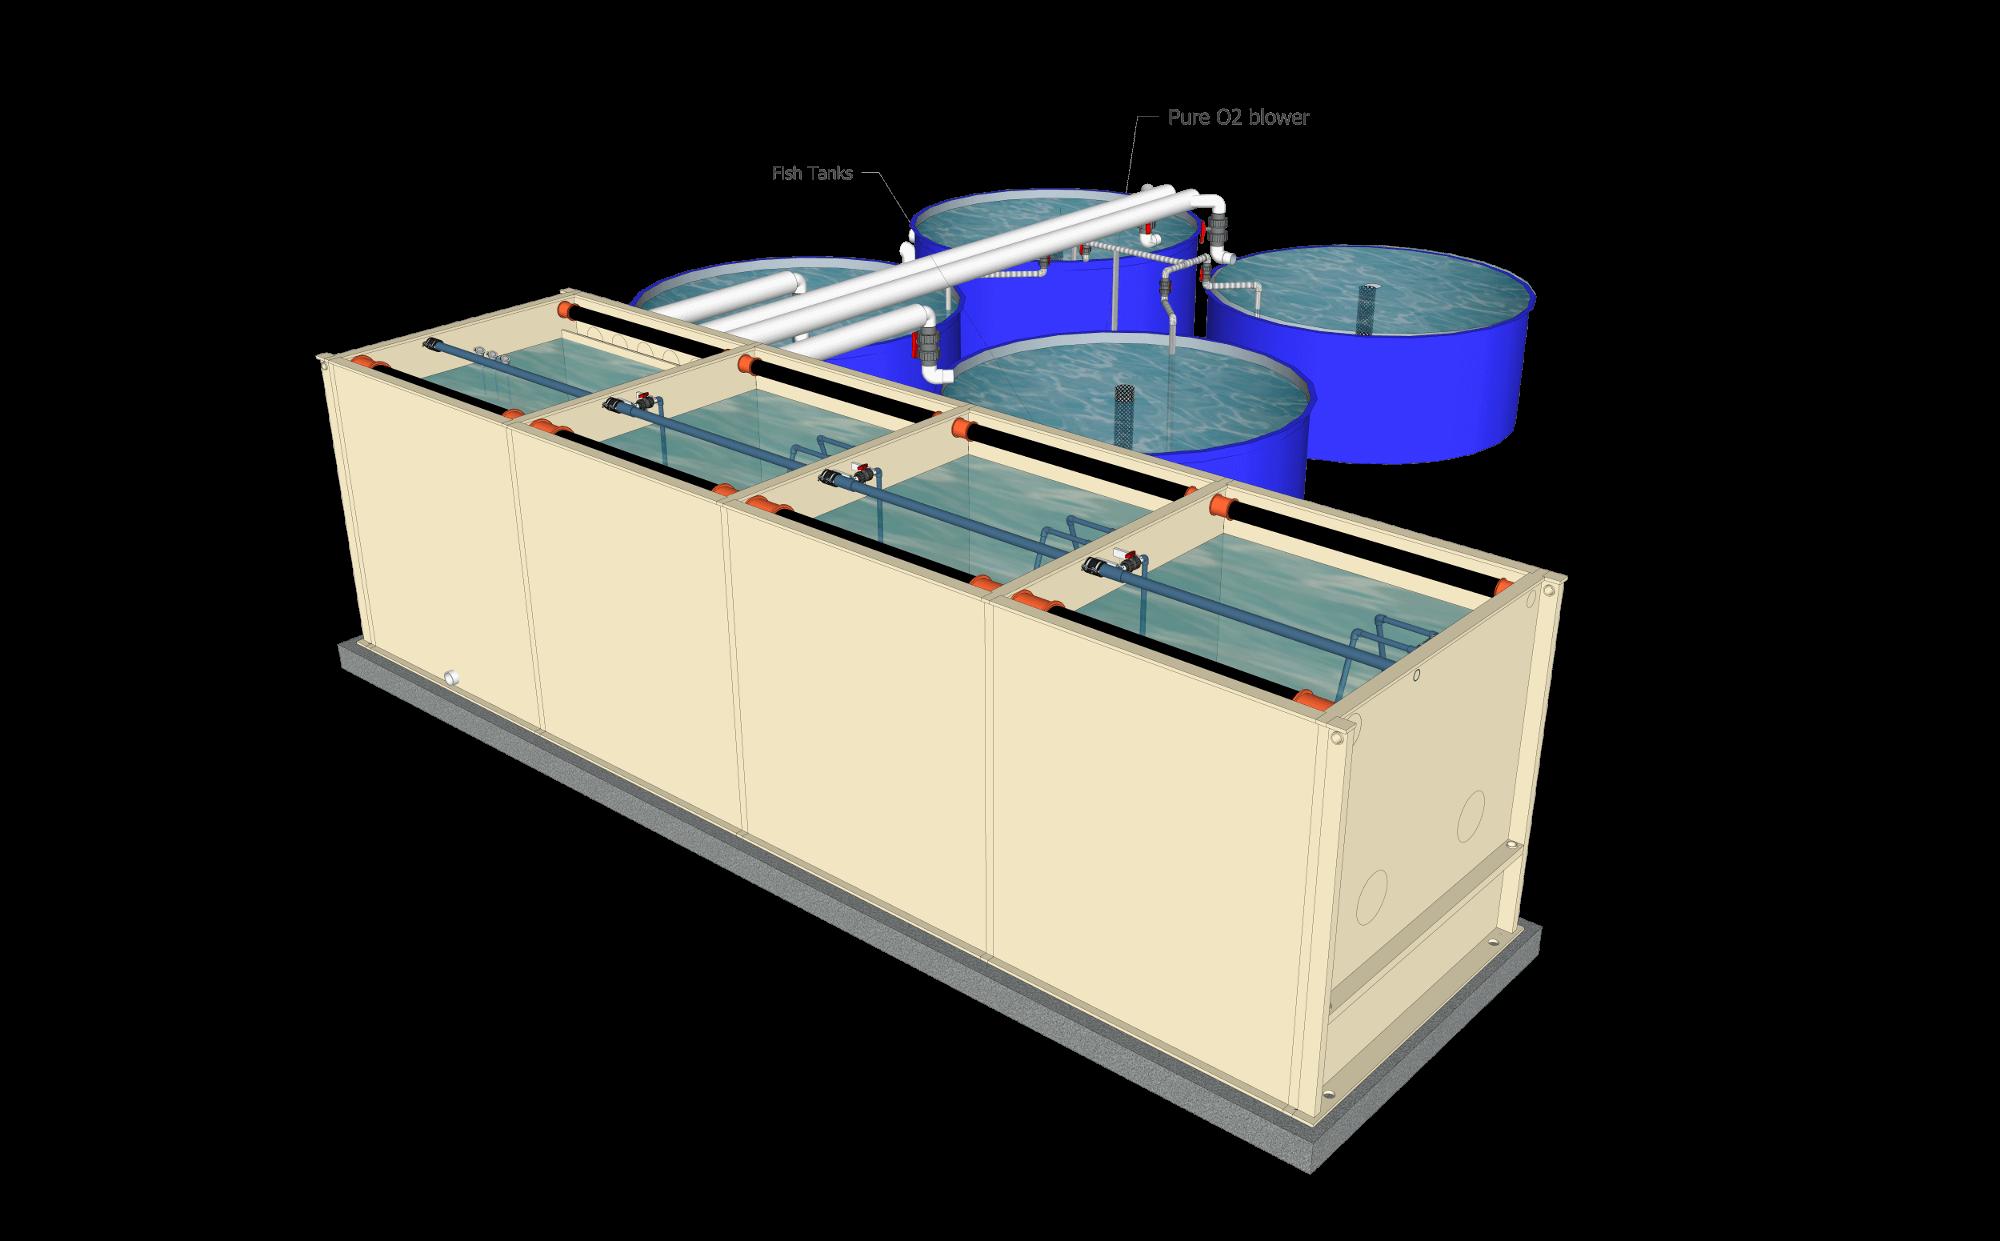 Études et conception de filtres RAS aquaculture aquaponie 1h2o3